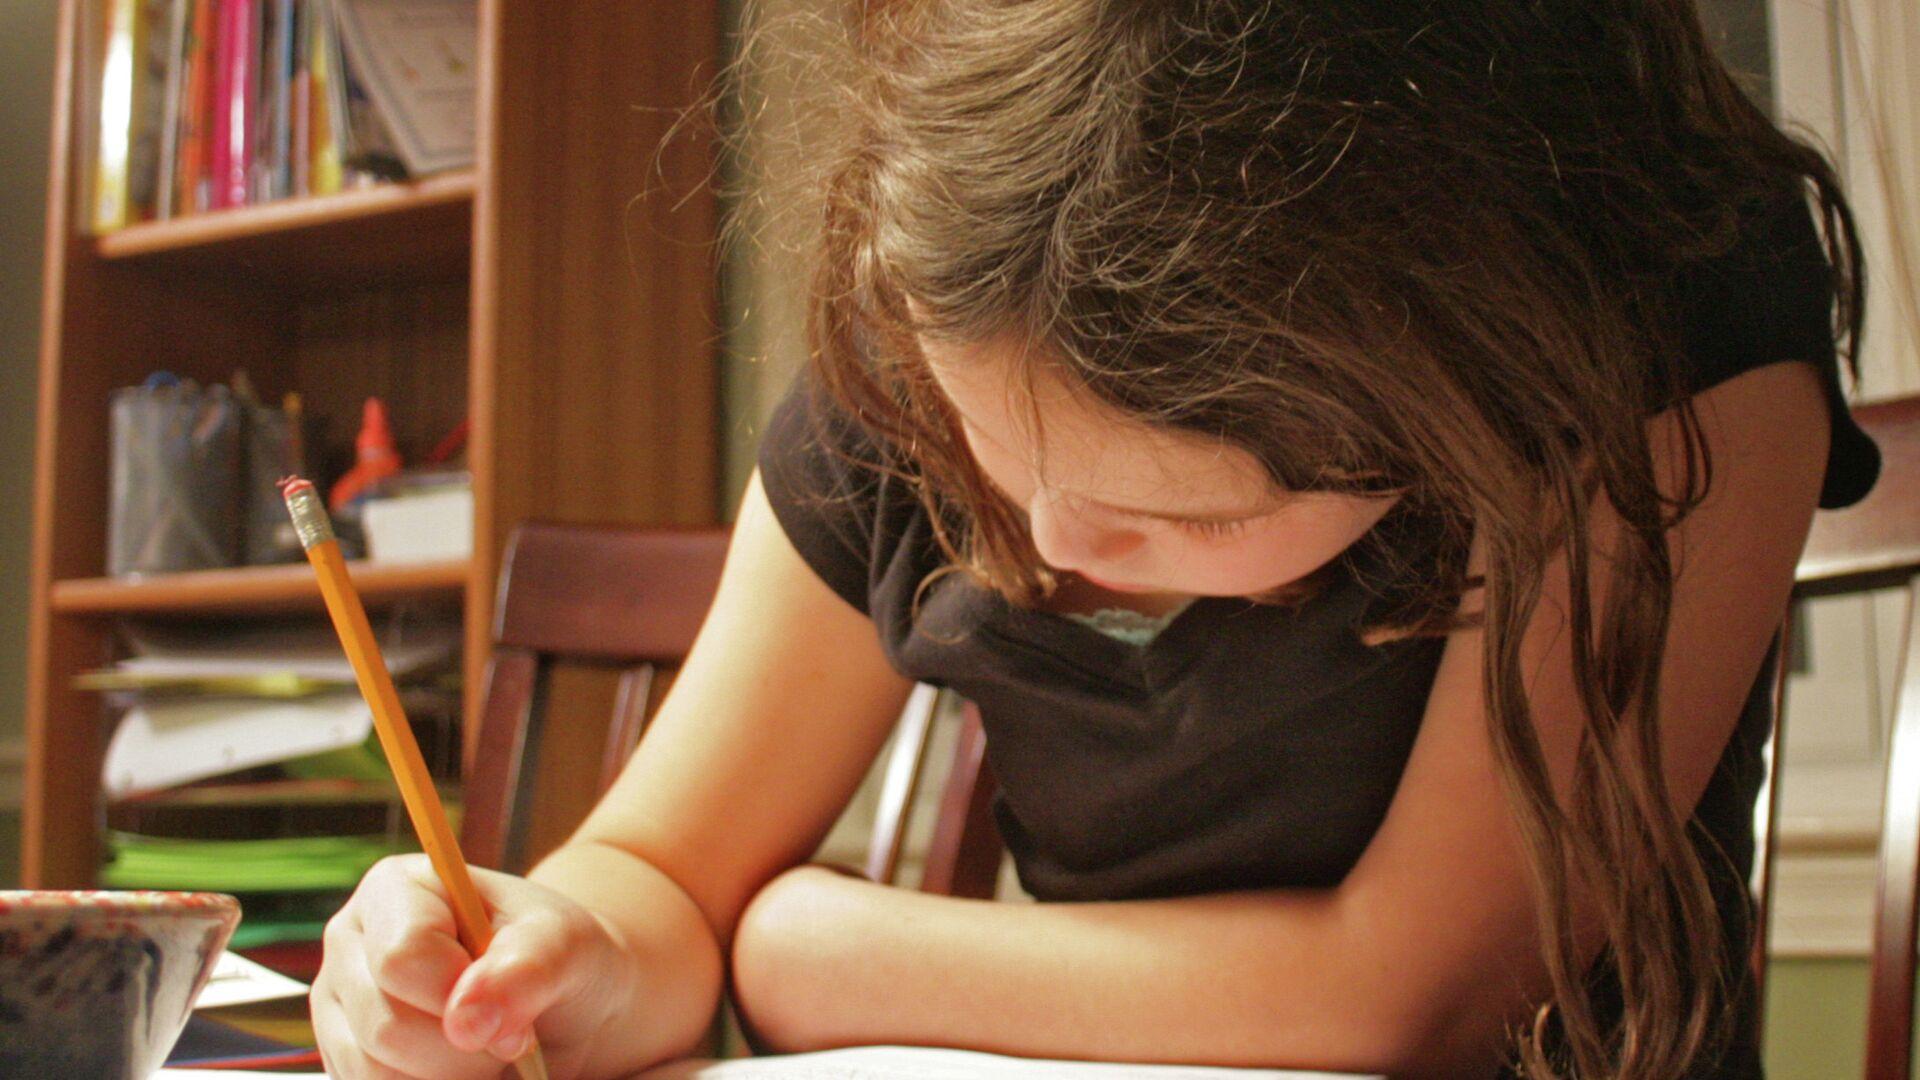 Девочка делает домашнее задание - РИА Новости, 1920, 26.02.2021